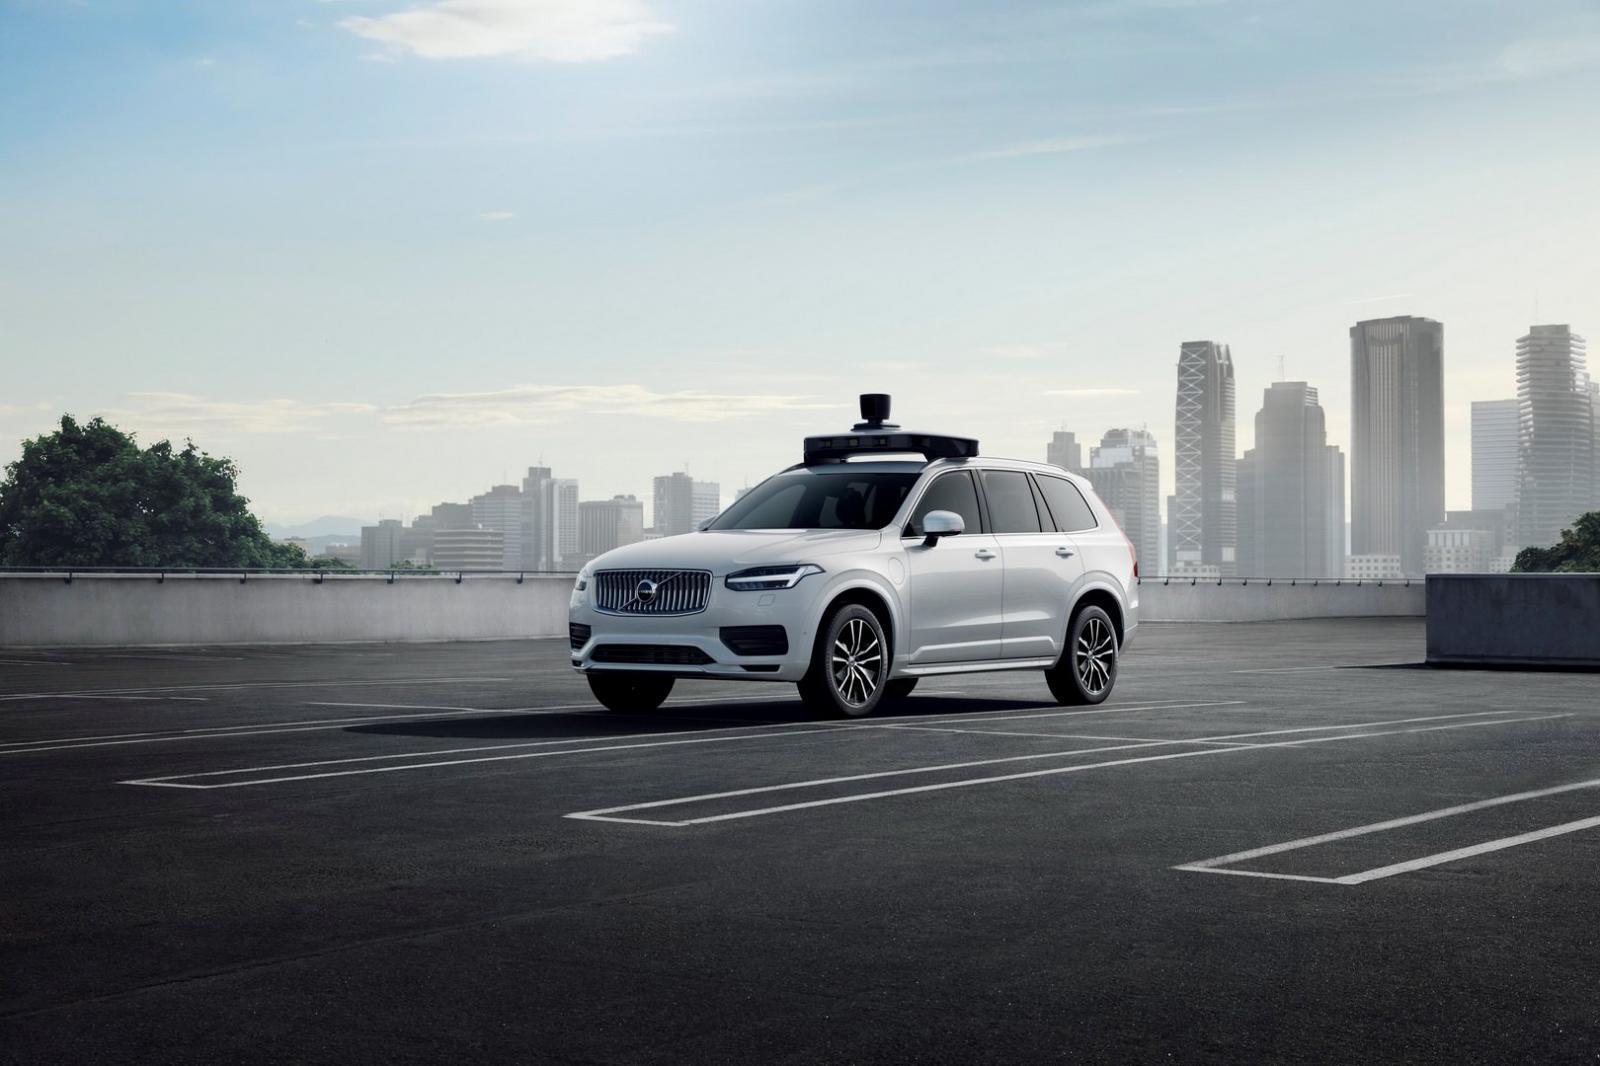 Volvo ya tiene experiencia en el desarrollo de autonomía